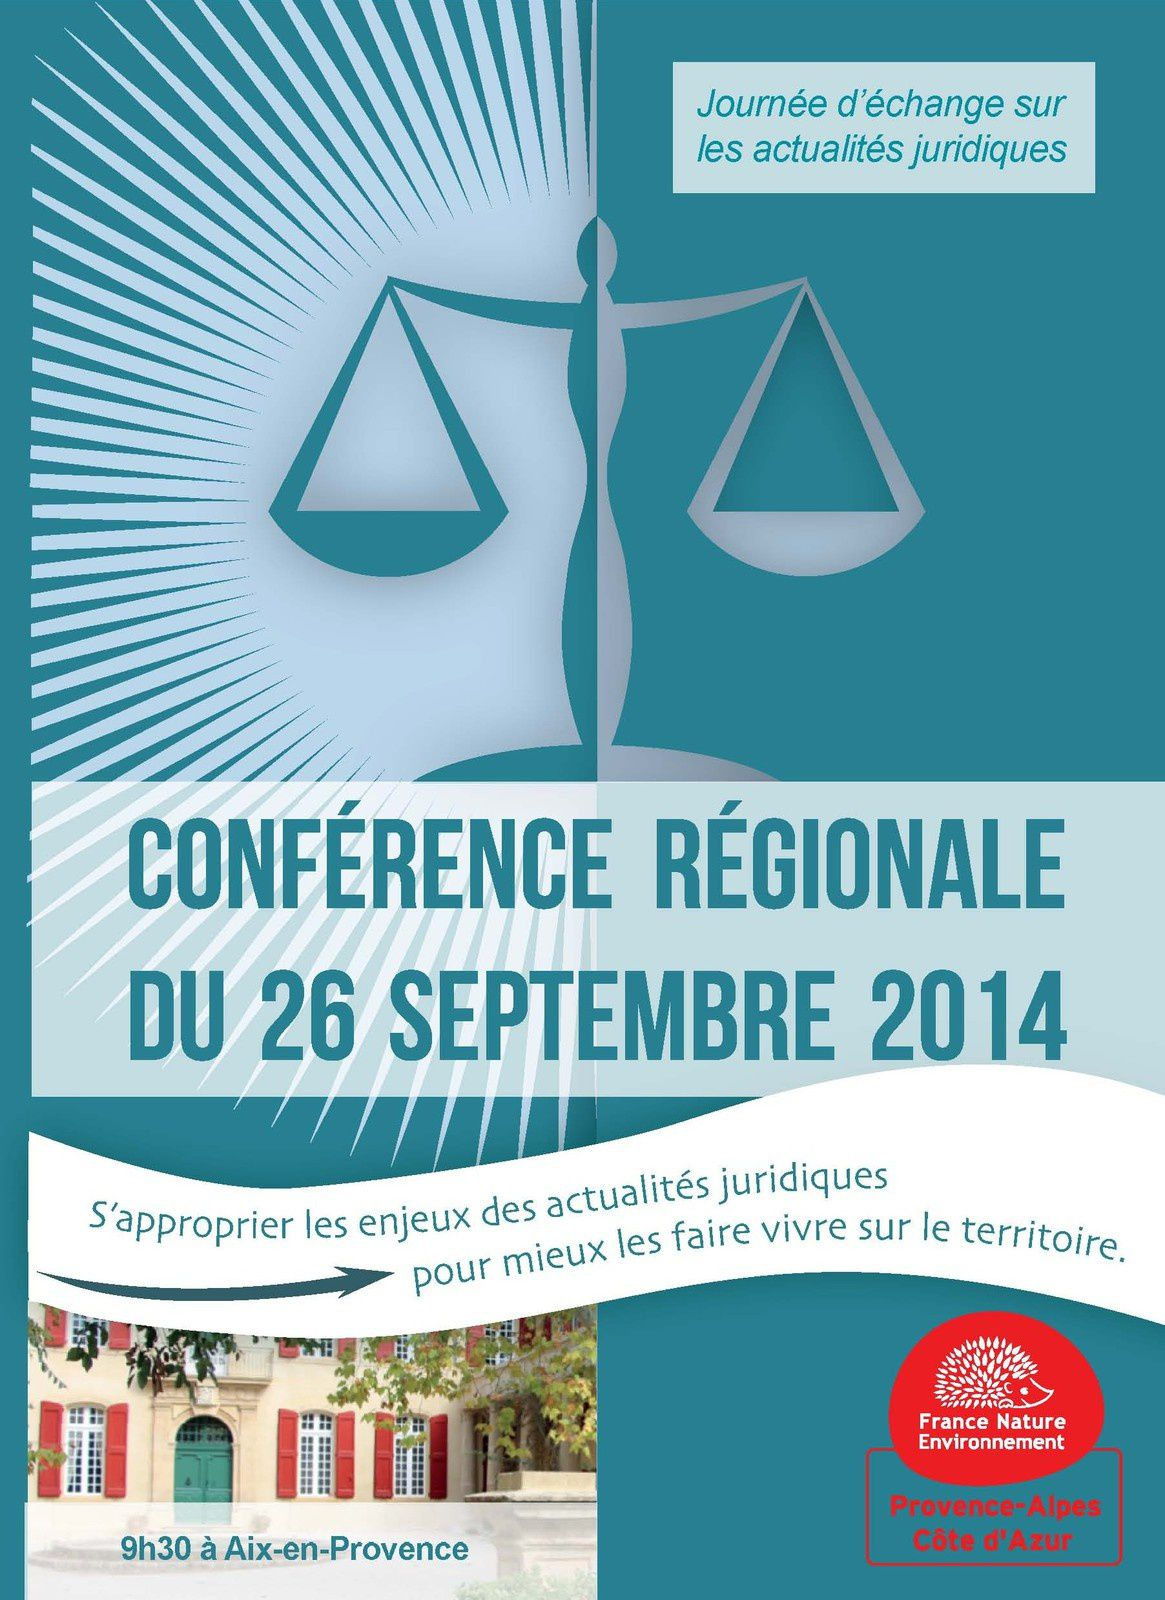 Rappel : Conférence régionale FNE PACA sur les actualités législatives